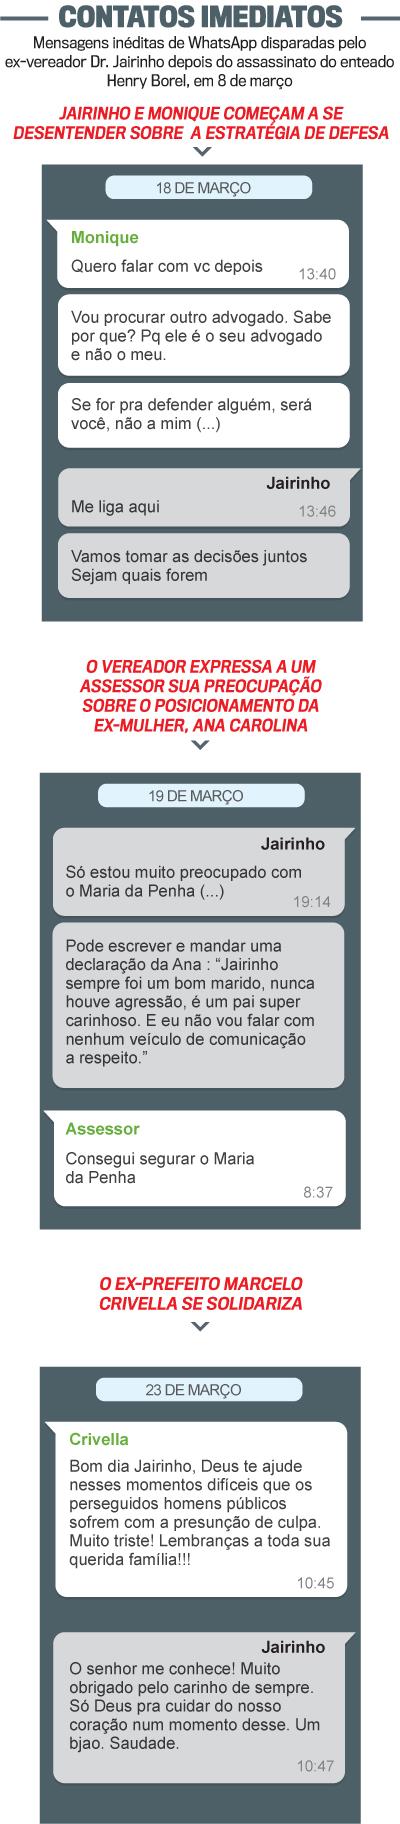 Mensagens de WhatsApp trocadas por Dr. Jairinho